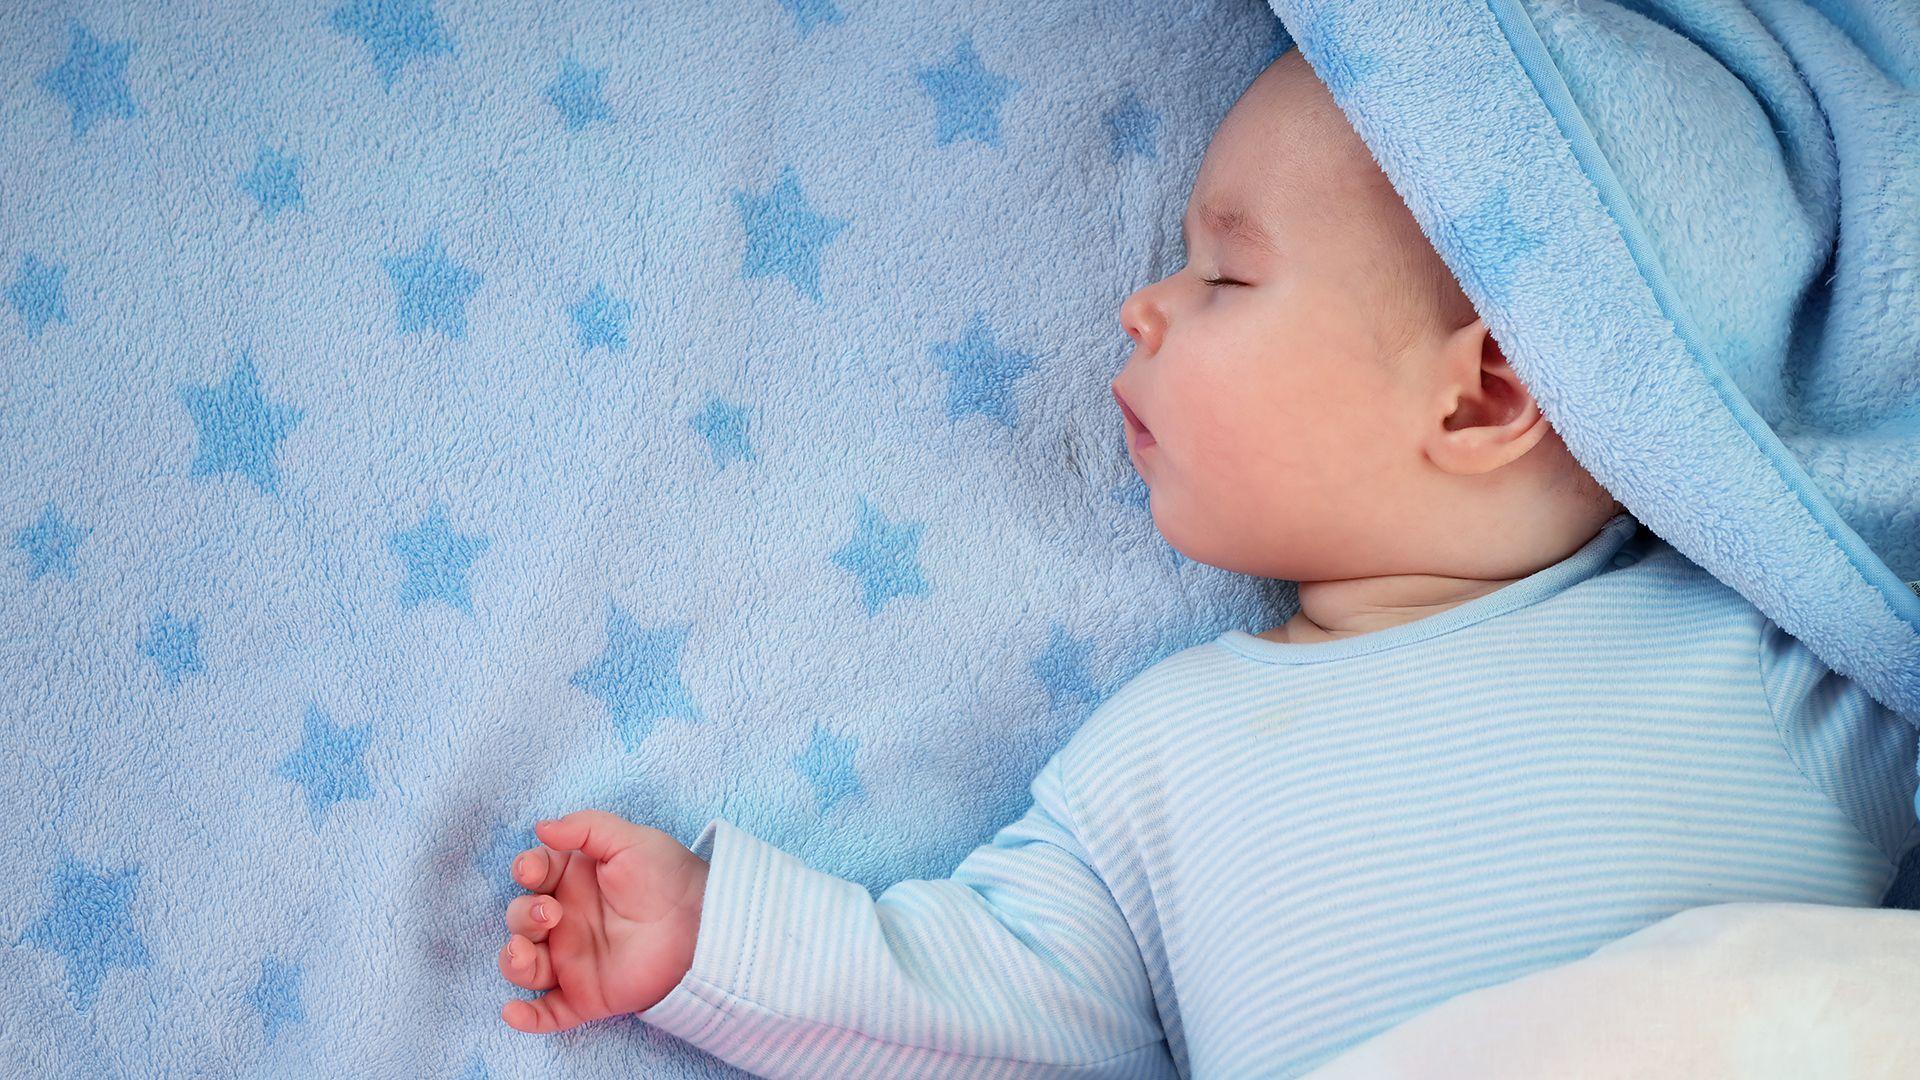 Babybed opmaken zomer - Baby Op Komst Dit Heb Je Nodig Aan Beddengoed Smulderstextiel Nl Blog